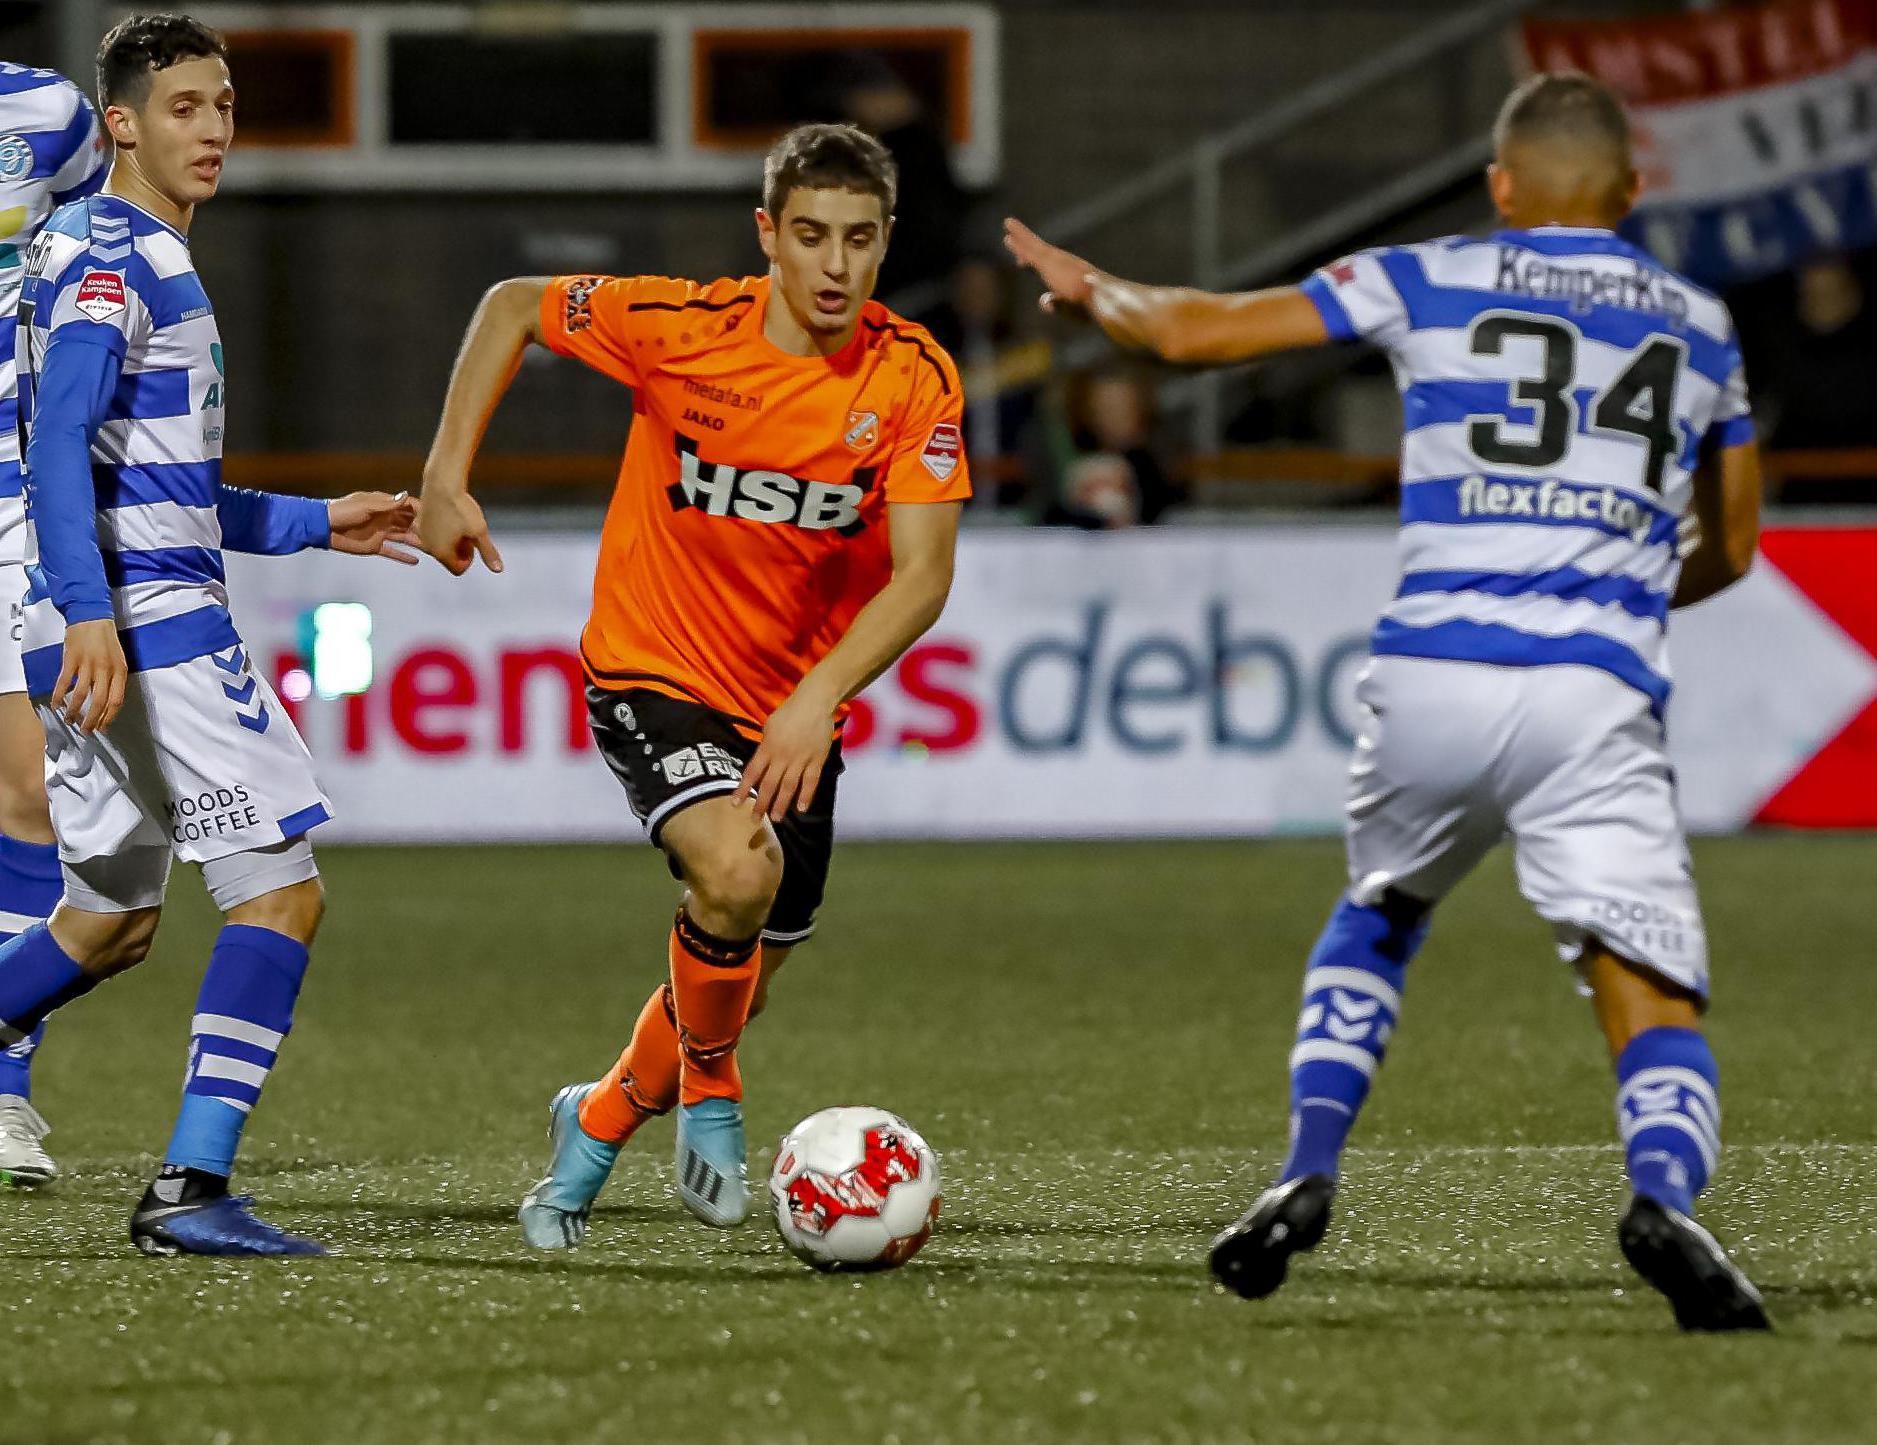 Weer fitte Franco Antonucci over de 'droge periode' van FC Volendam: 'Snel scoren, anders gaat het in je hoofd zitten'